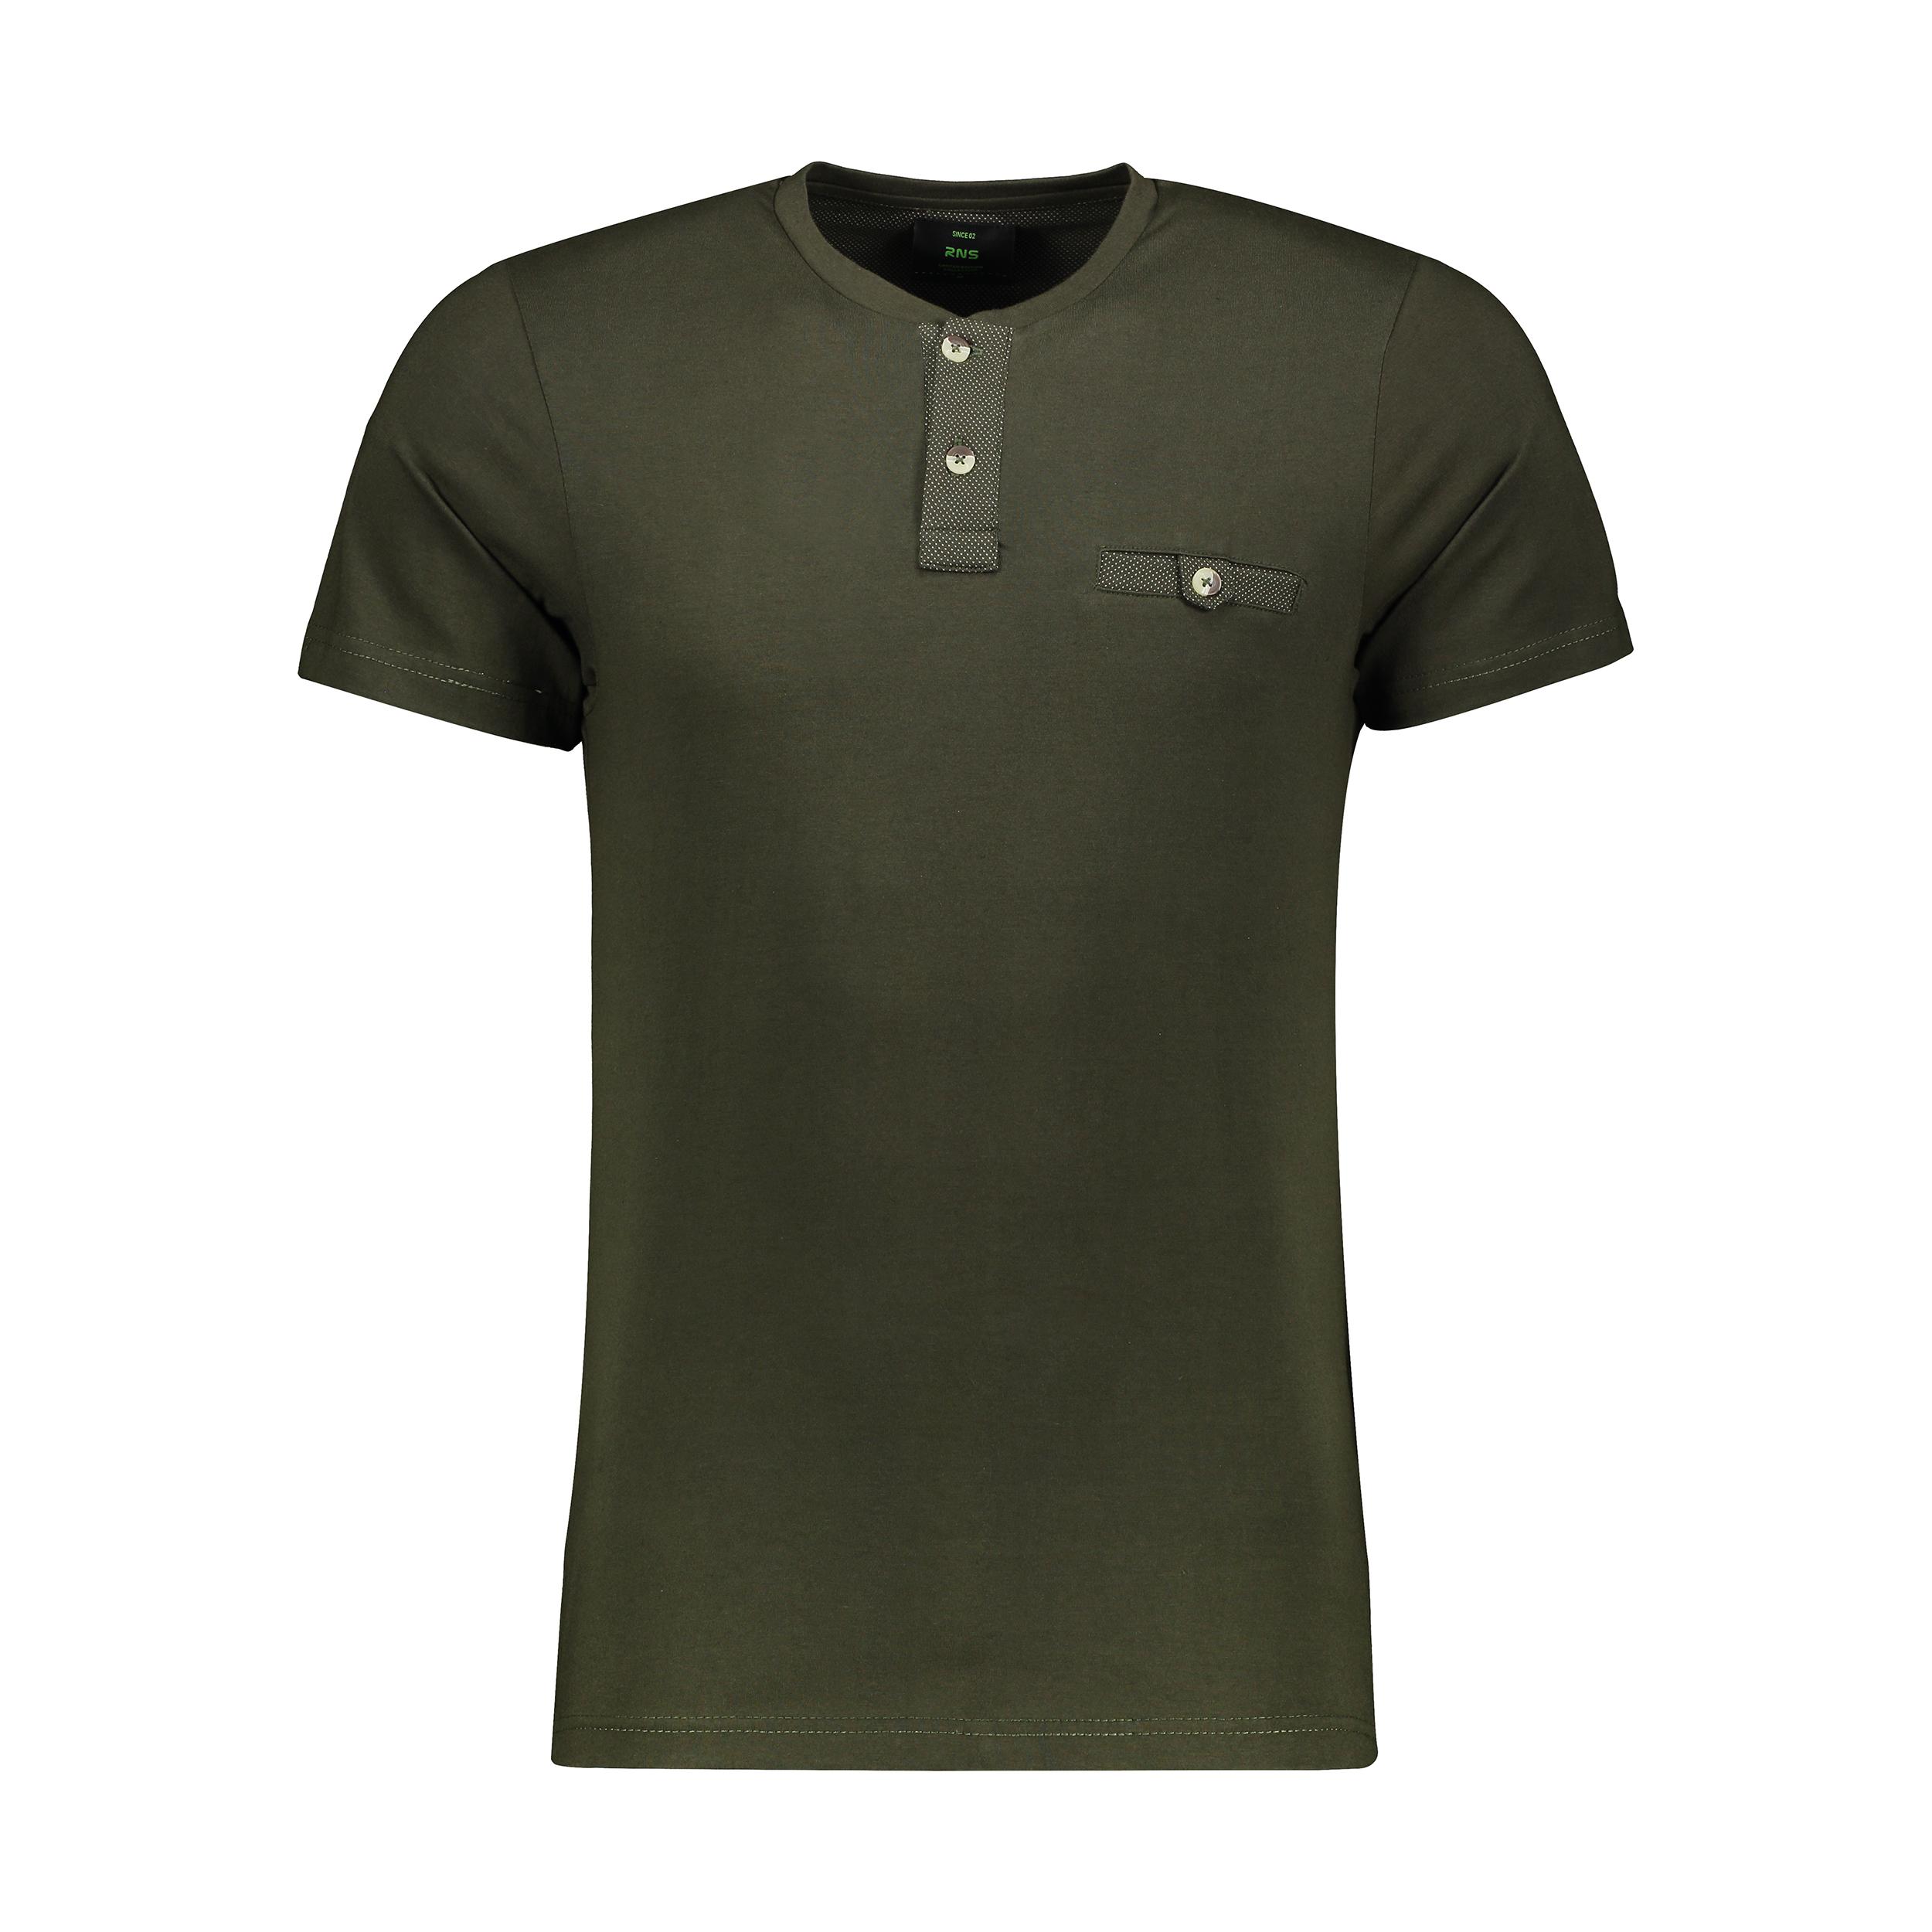 خرید ارزان تی شرت مردانه آر ان اس مدل 131132-48